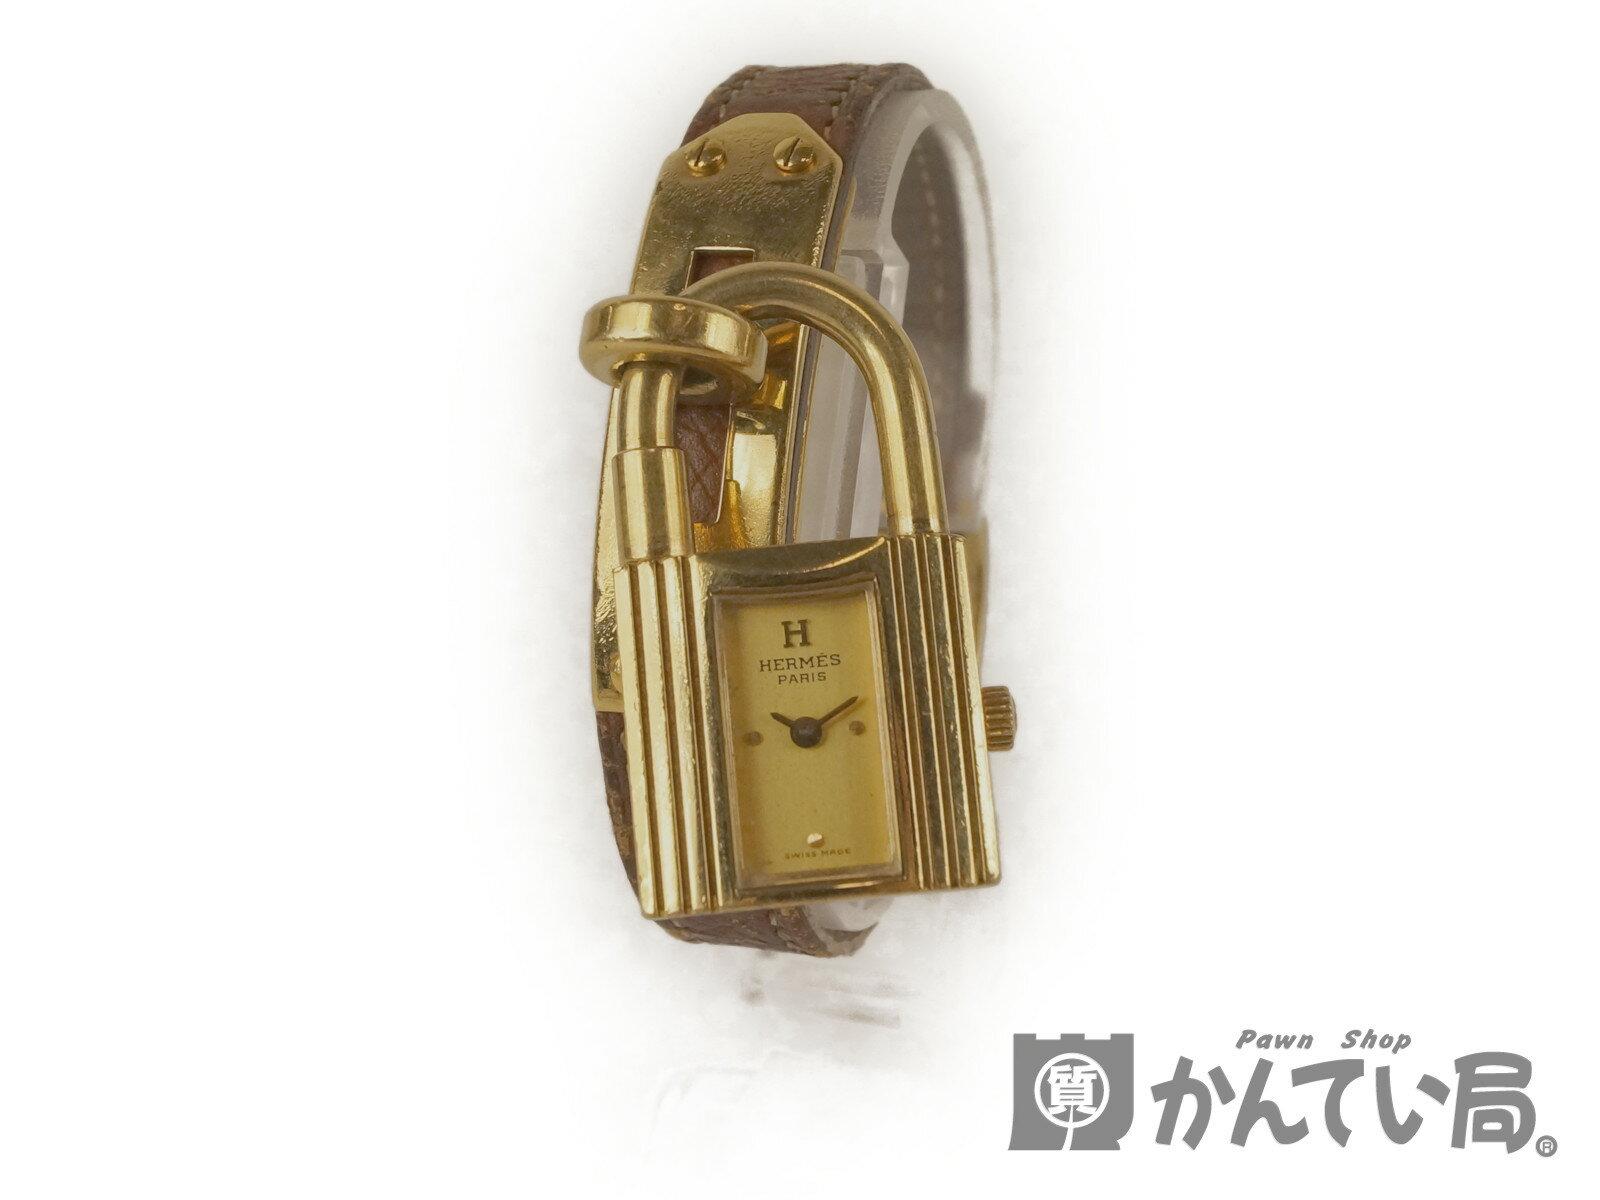 【HERMES】エルメス ケリーウォッチ レディース腕時計  【中古】F68-0255 USED-C